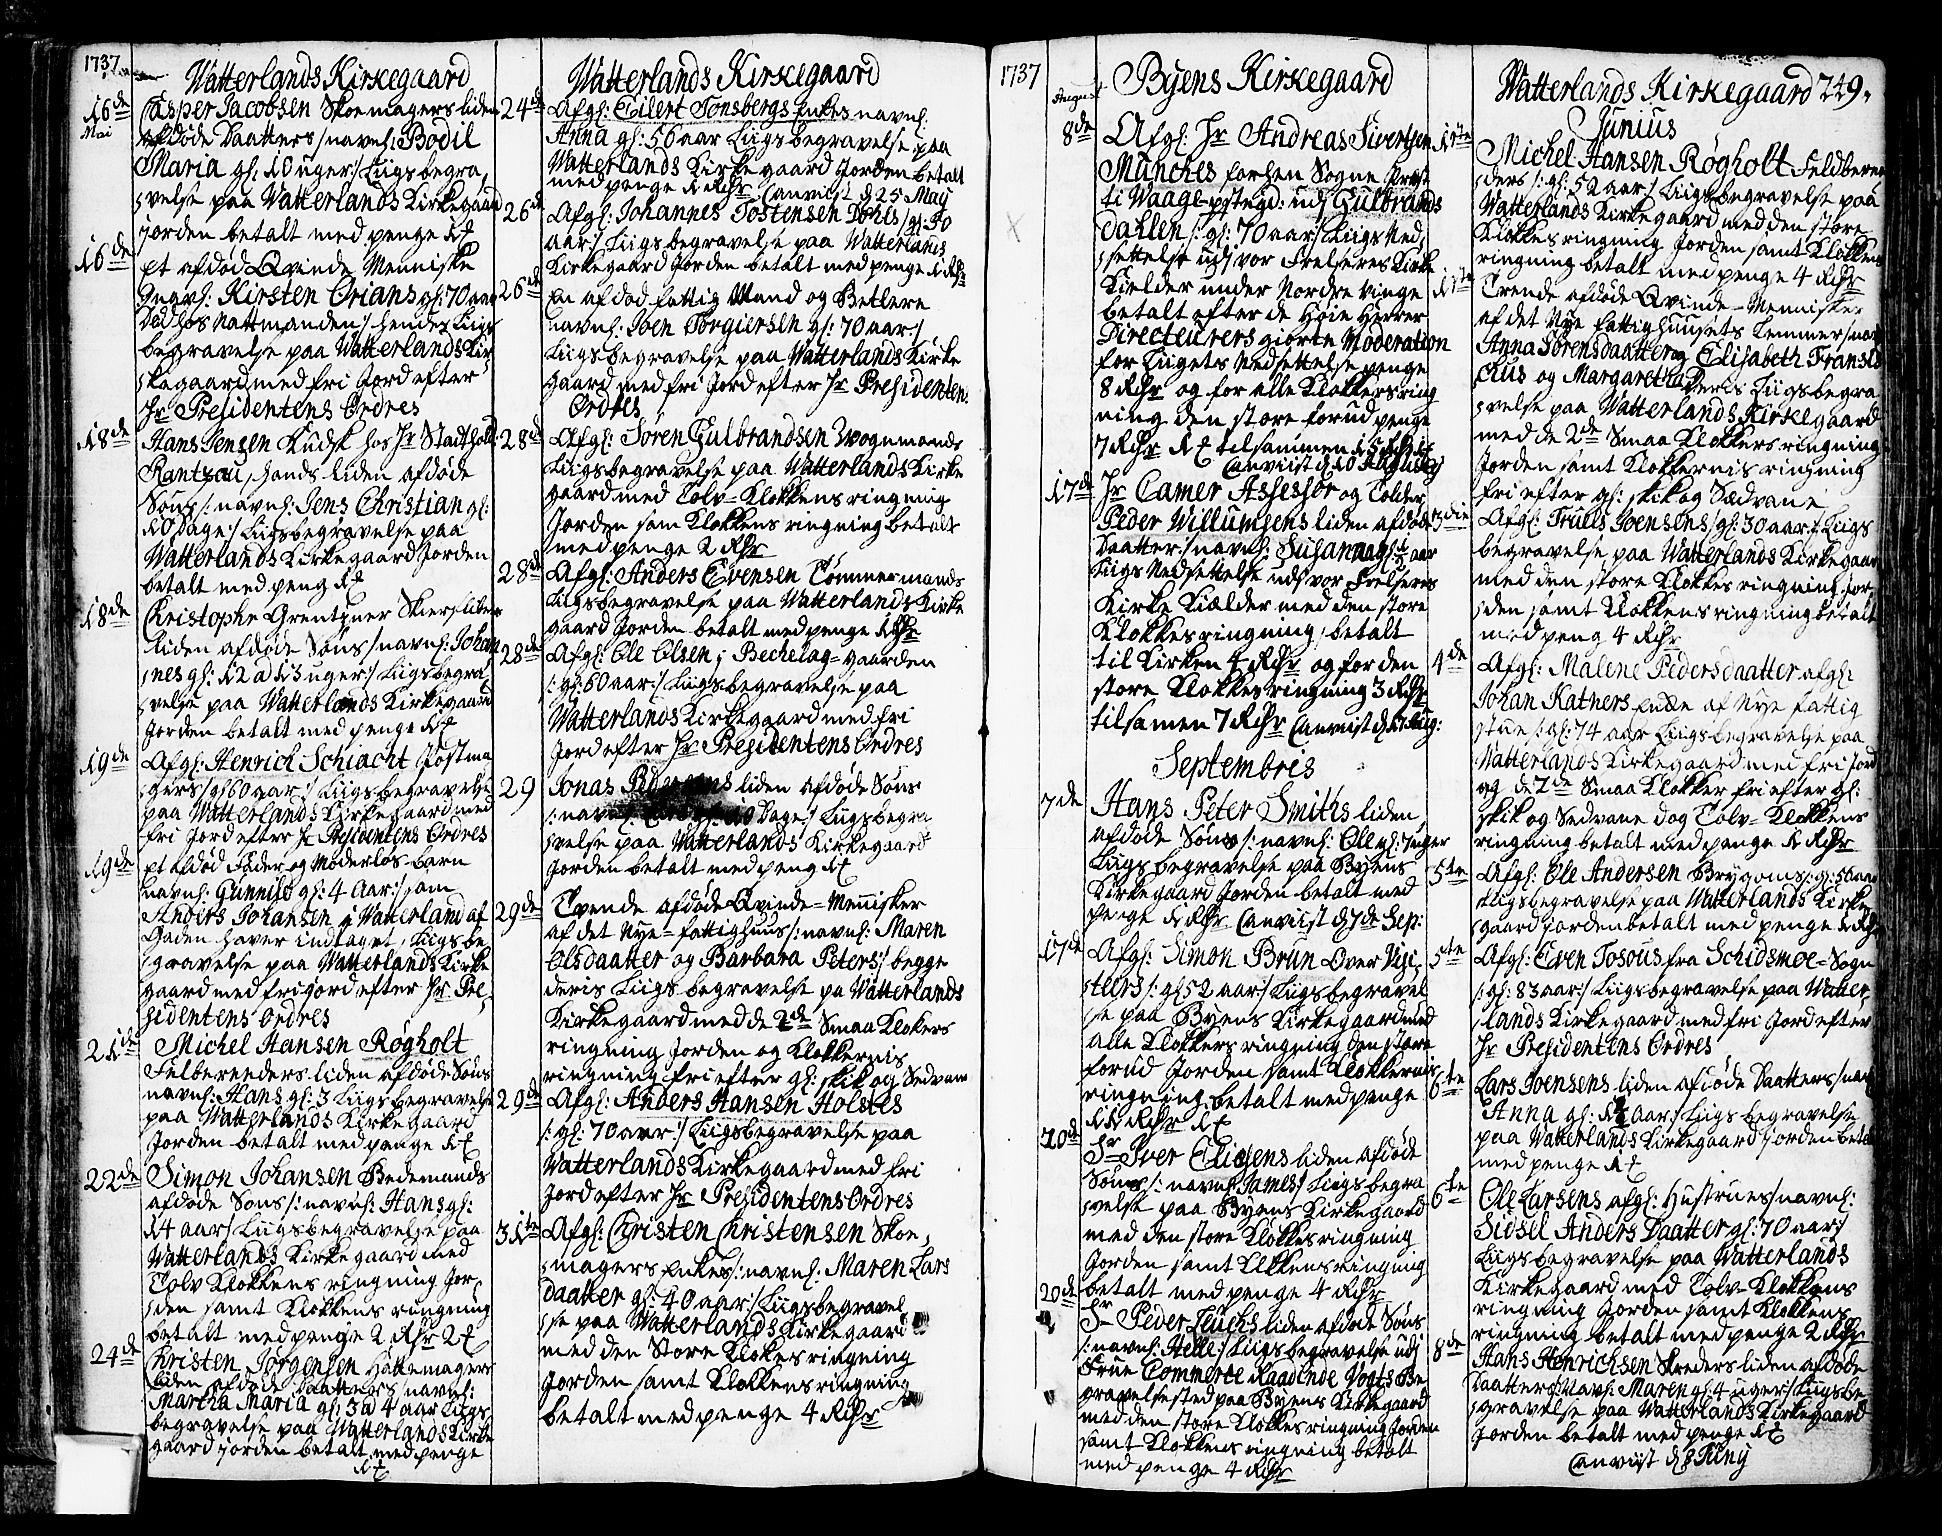 SAO, Oslo domkirke Kirkebøker, F/Fa/L0003: Ministerialbok nr. 3, 1731-1743, s. 249